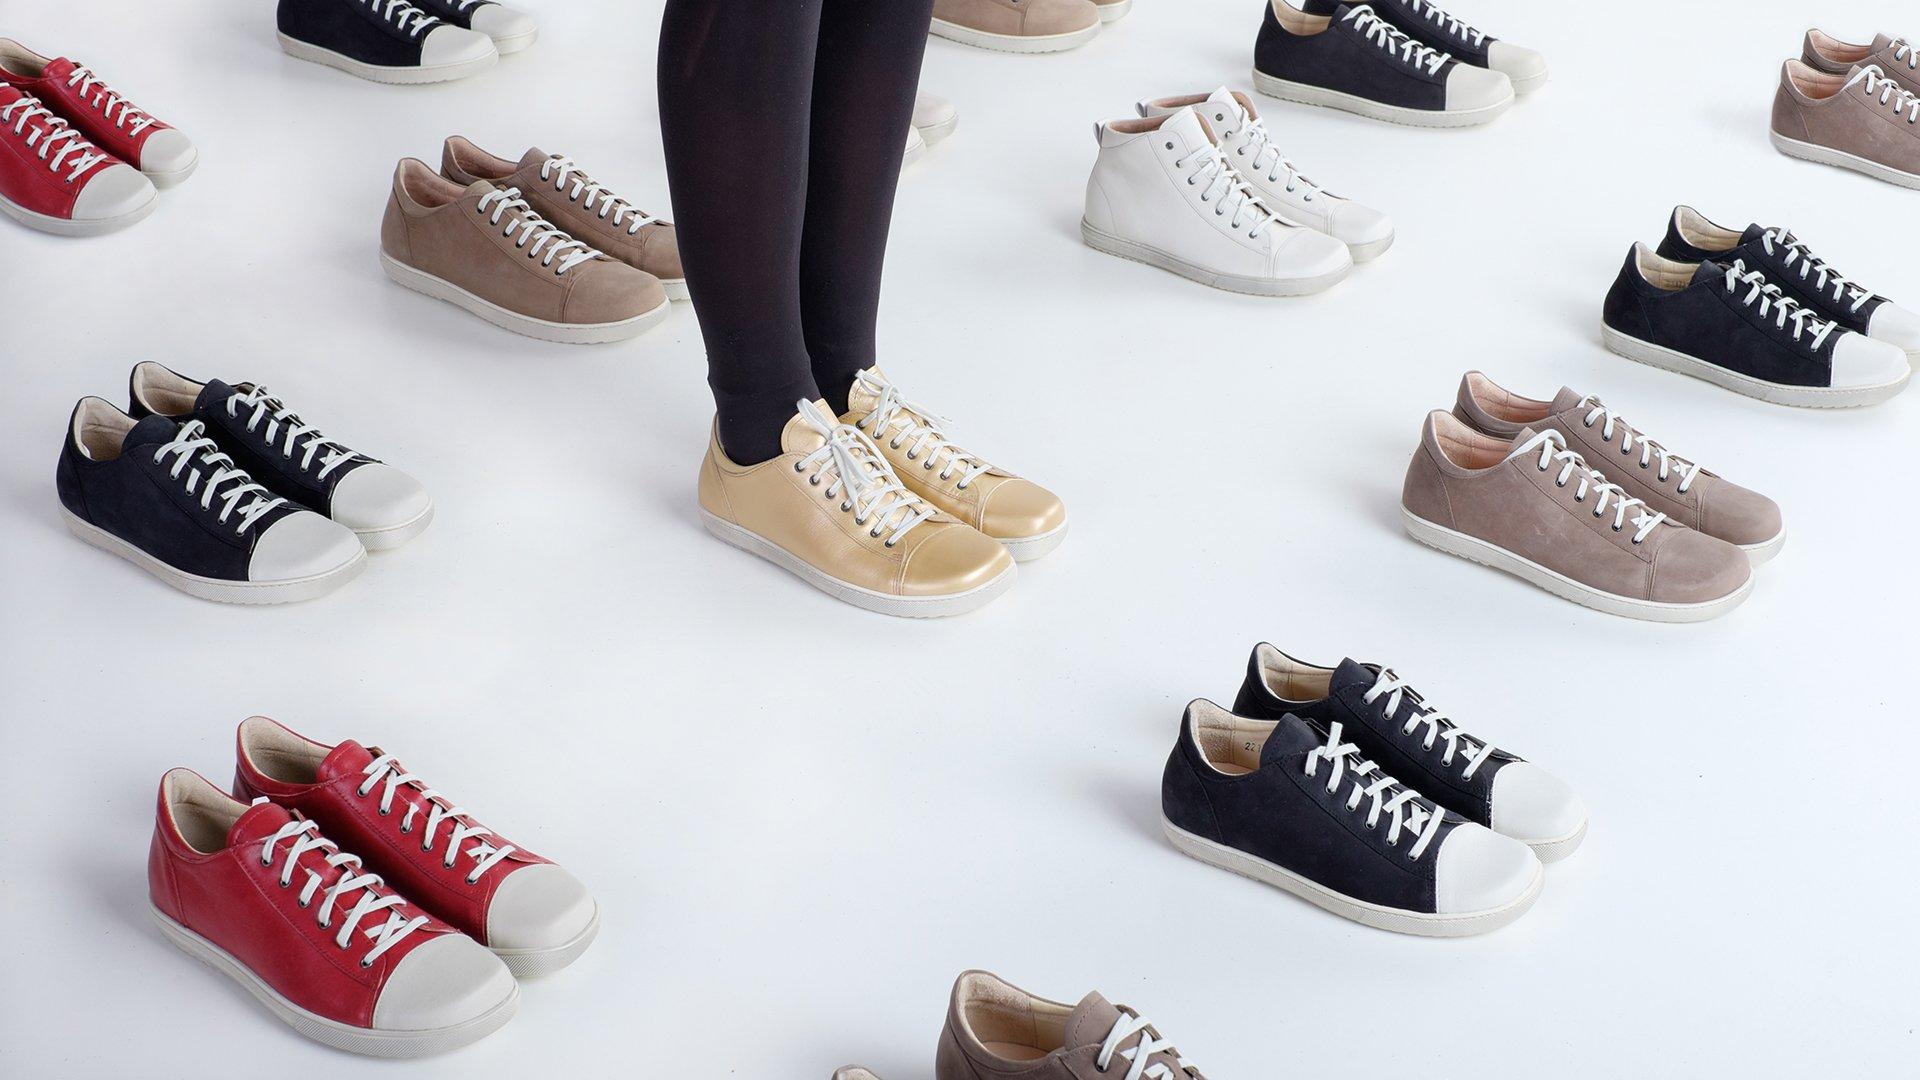 Junge heiß-verkaufender Beamter einzigartiges Design Fair produzierte Schuhe, Taschen und Möbel von GEA ...